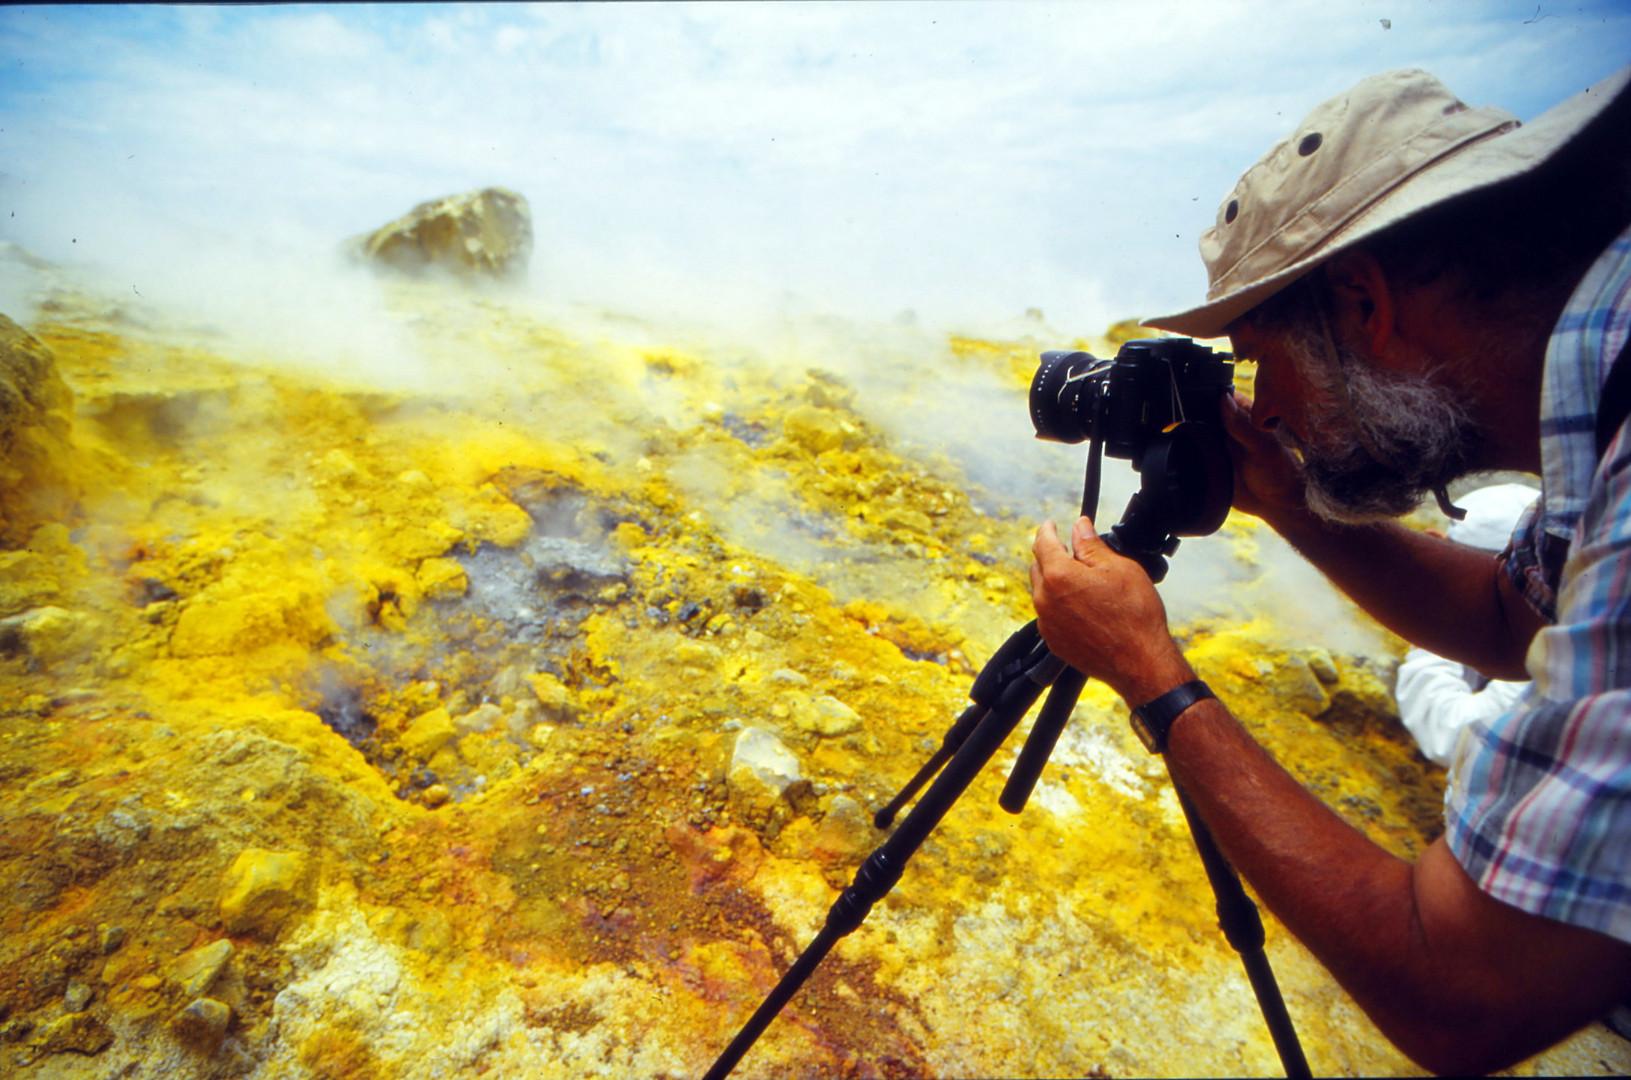 Der Vulkanologe W.M auf Vulcano-Italien